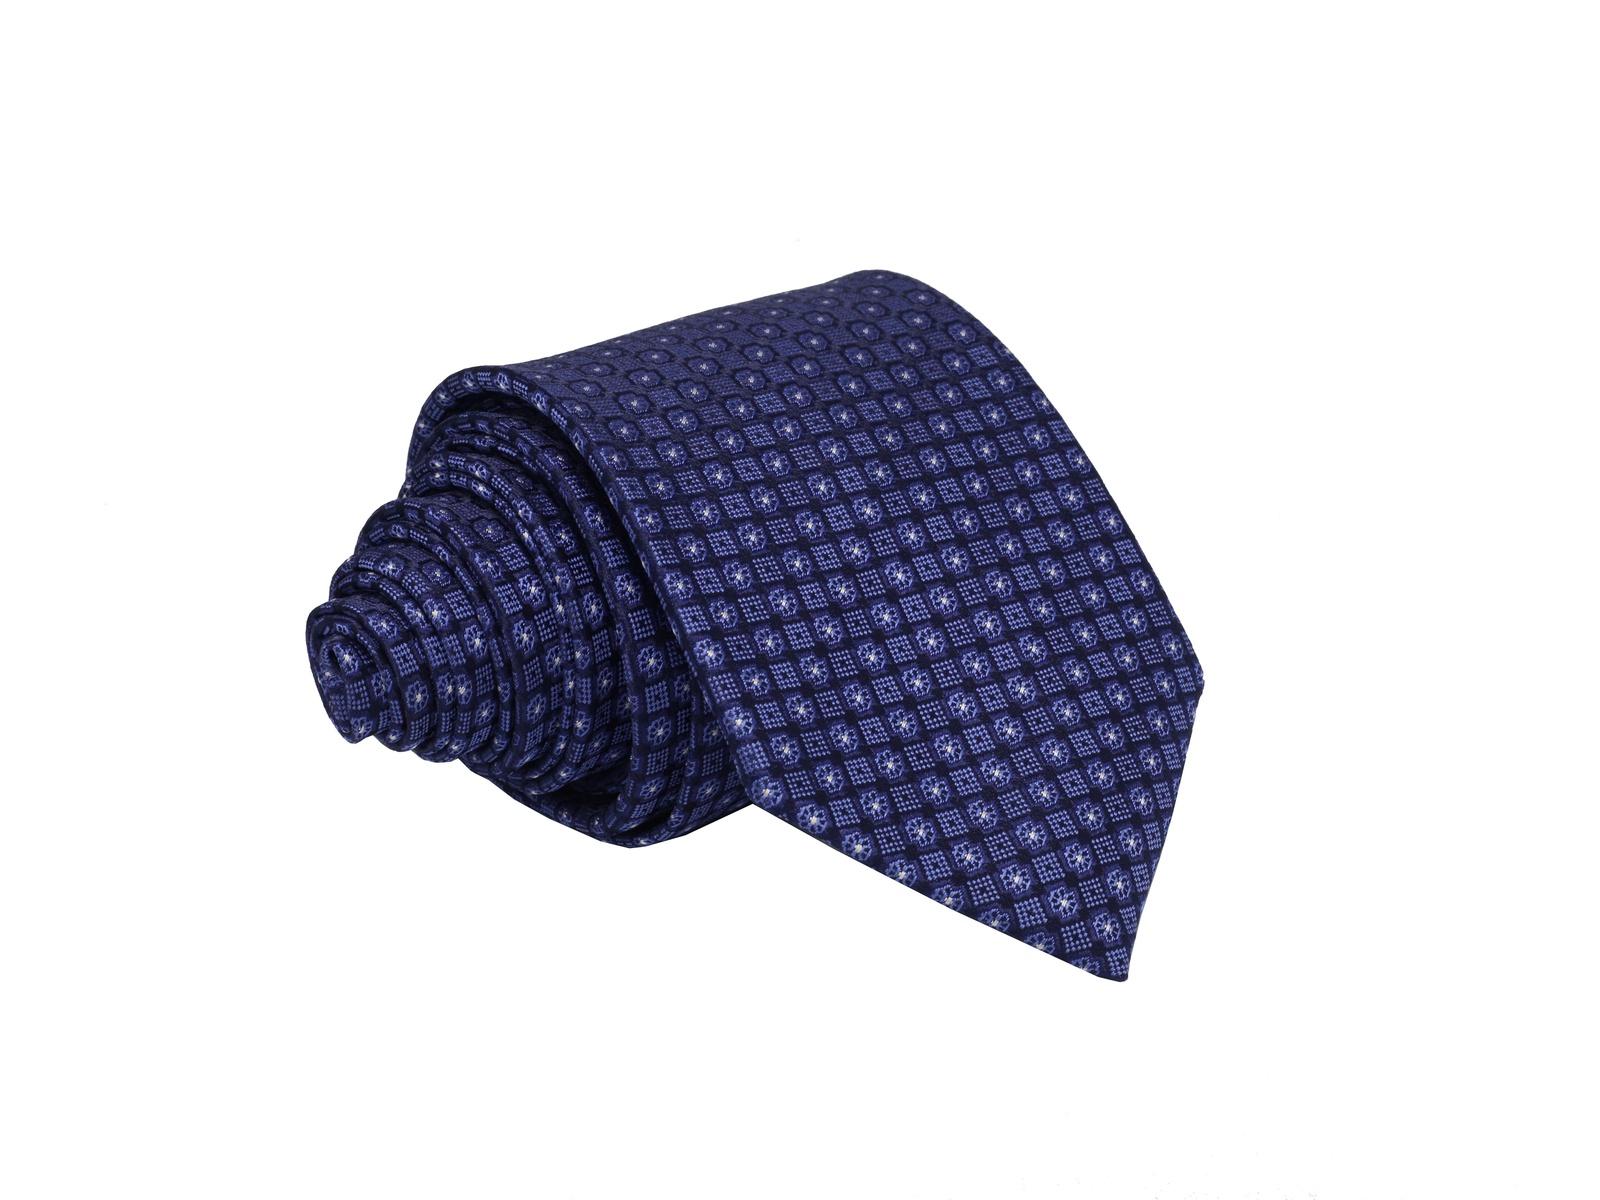 Галстук WEBERMANN, темно-синий универсальный размерW81511188Галстук мужской шириной 8 см. из 100% микрофибры темно-синий с синими и сиреневыми геометрическими вставками, сделанный на итальянском станке